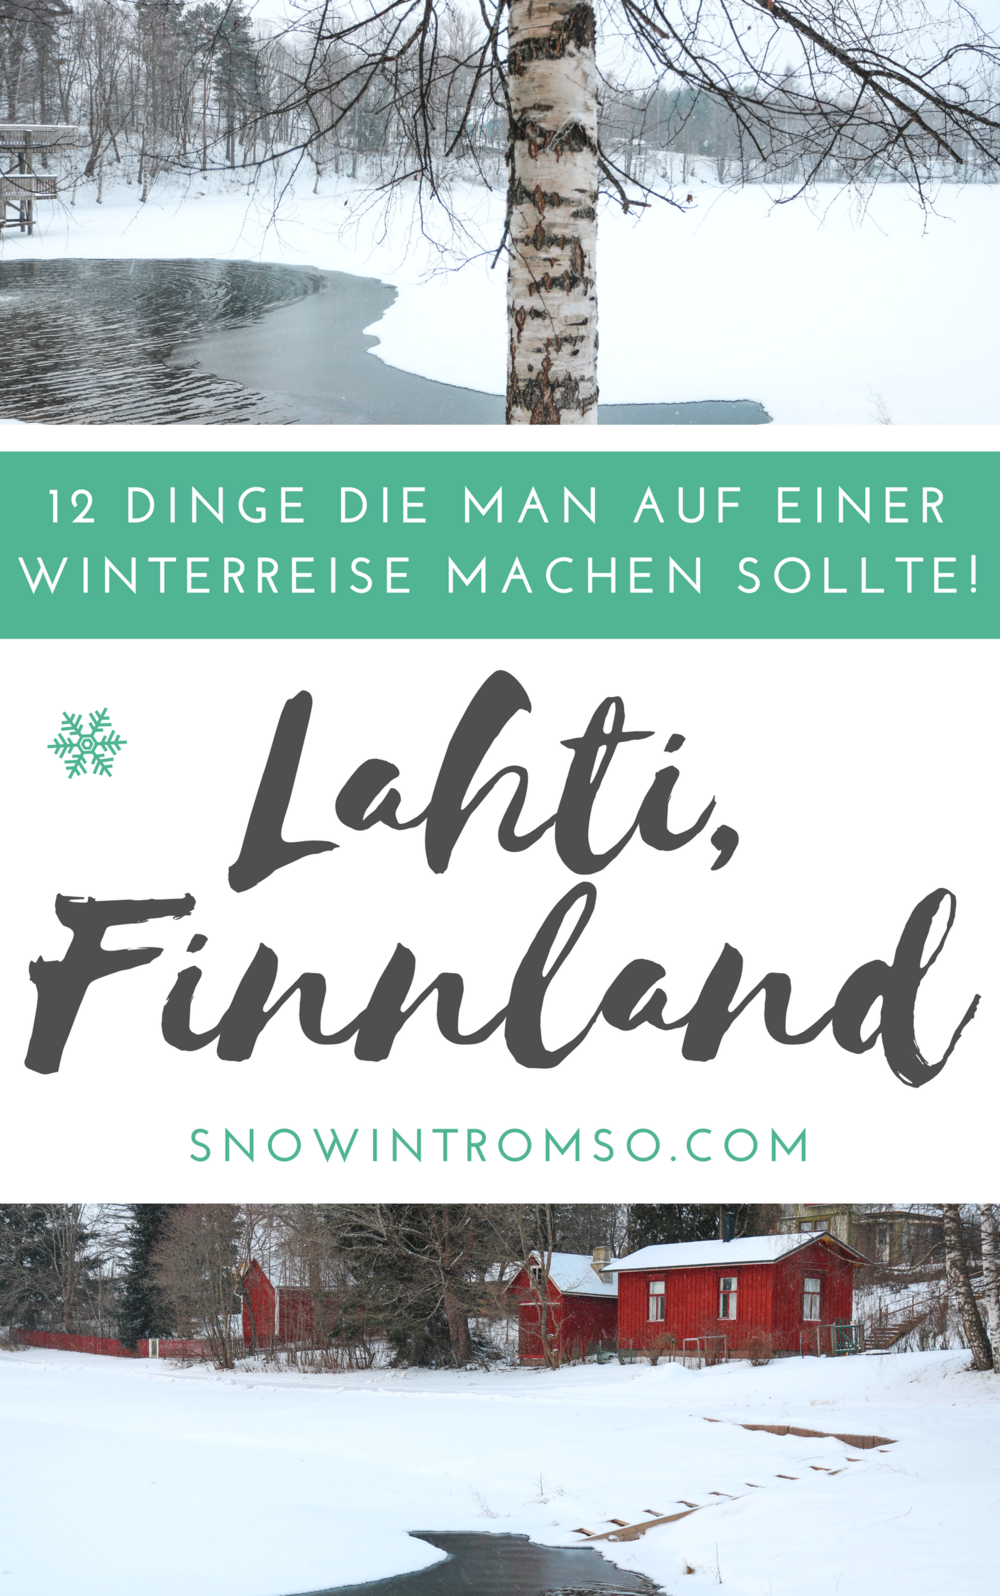 Planst Du eine Reise nach Lahti in Südfinnland im Winter? Hier sind 12 Dinge die Du unbedingt erleben solltest!